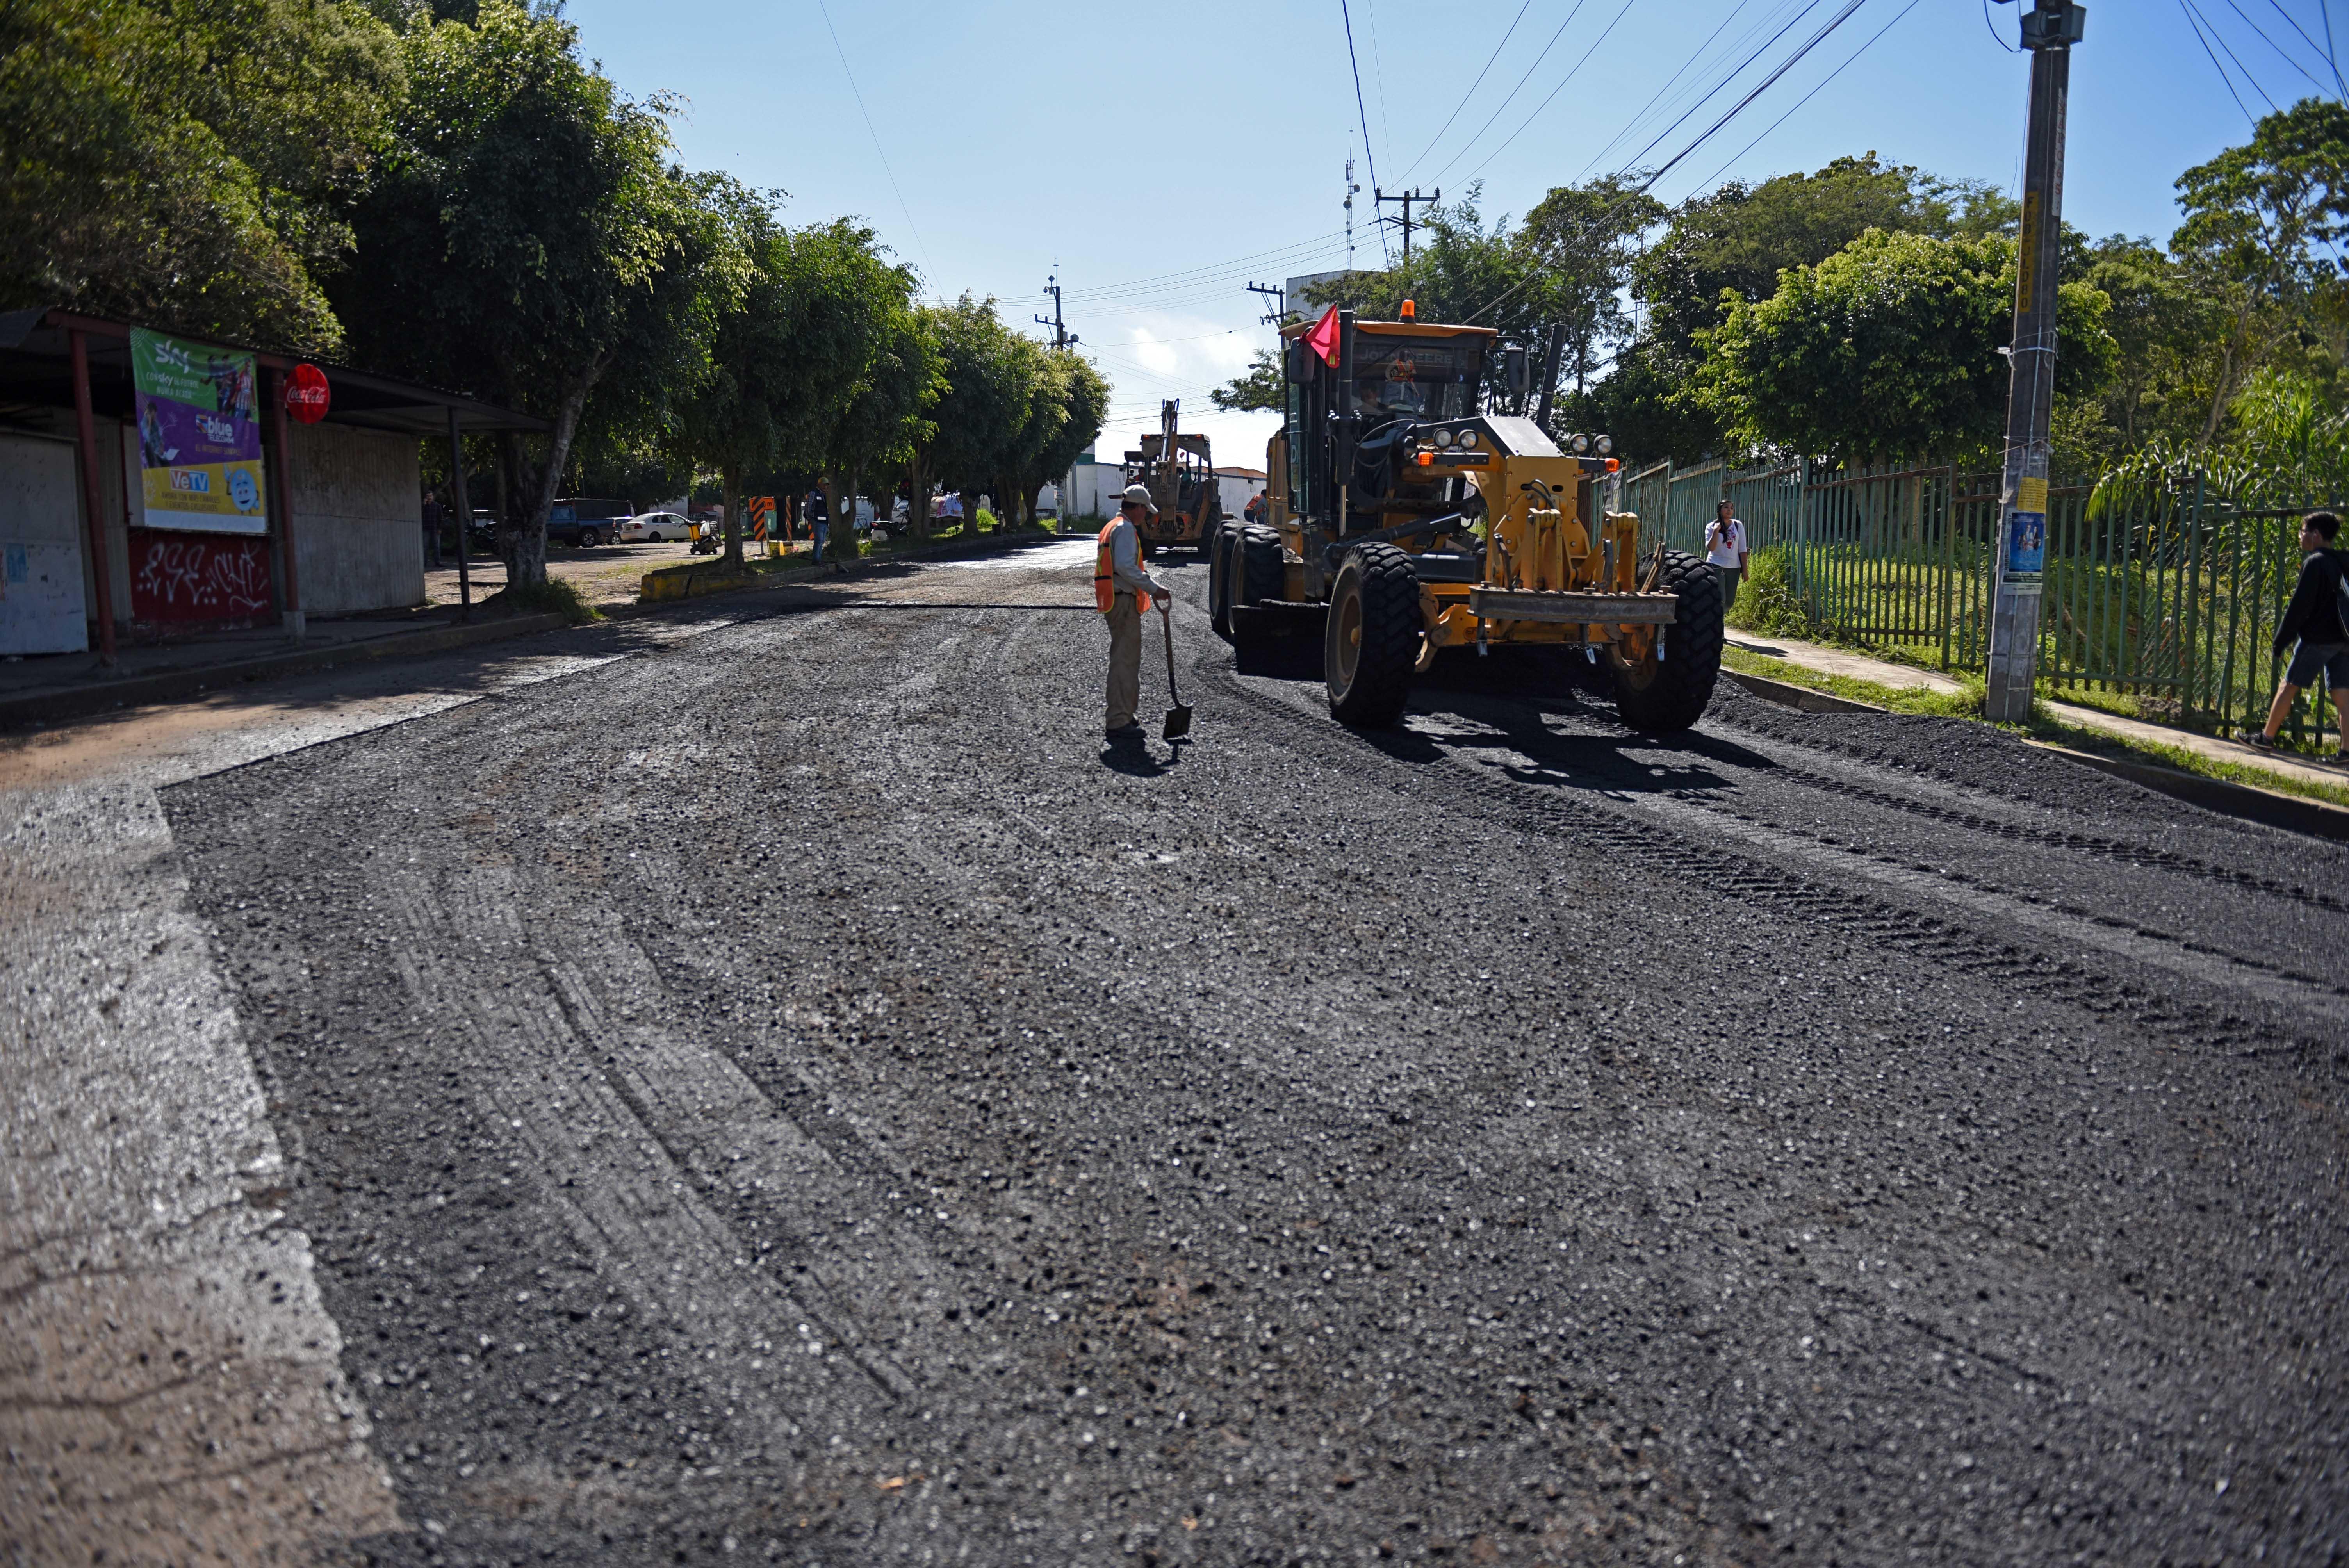 Continúa trabajo de bacheo y reparación de calles con concreto, en Xalapa